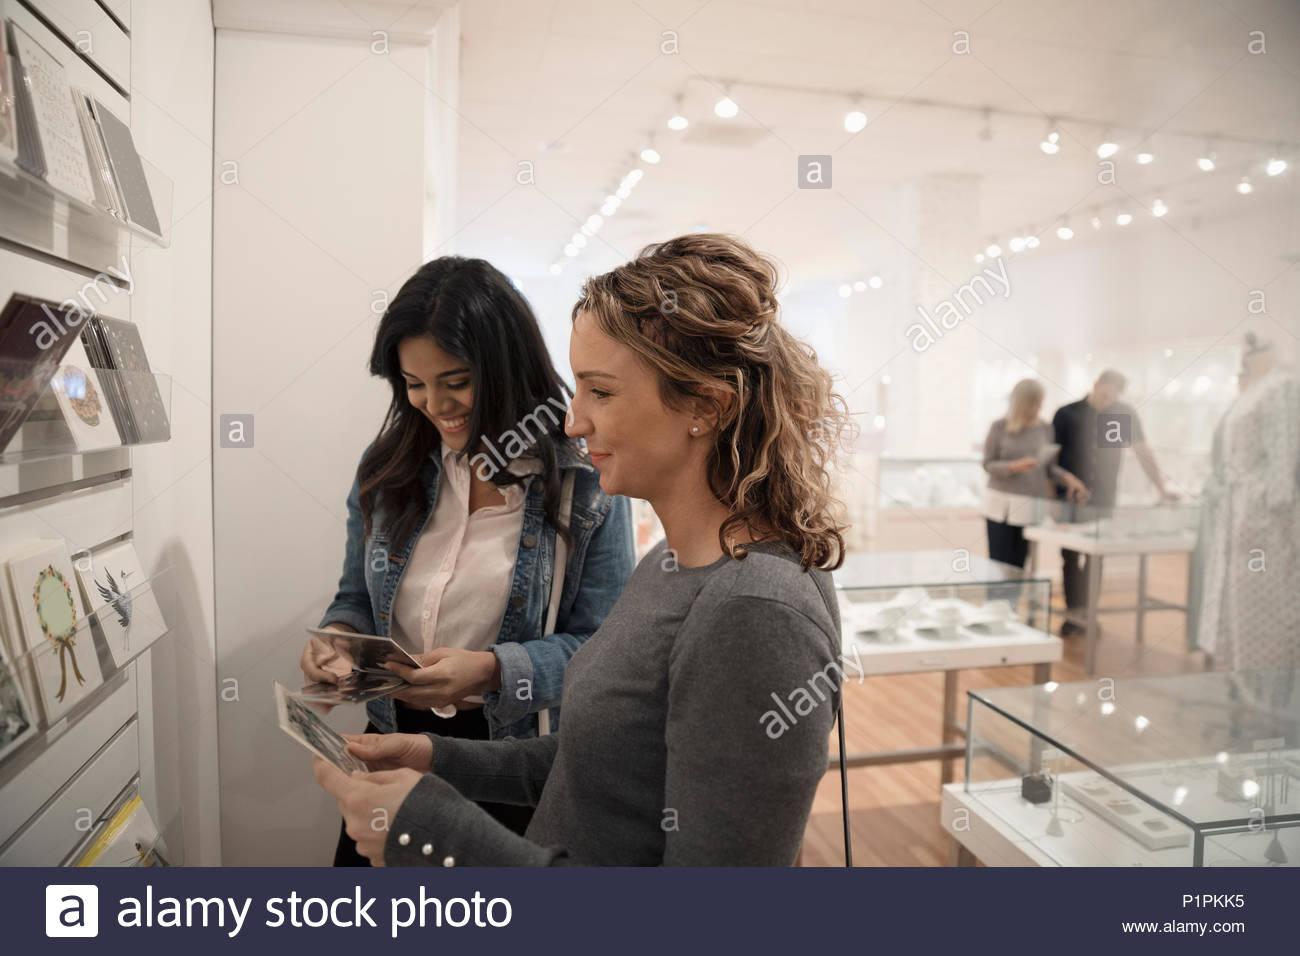 Las mujeres amigos para compras de tarjetas de felicitación en la boutique Imagen De Stock